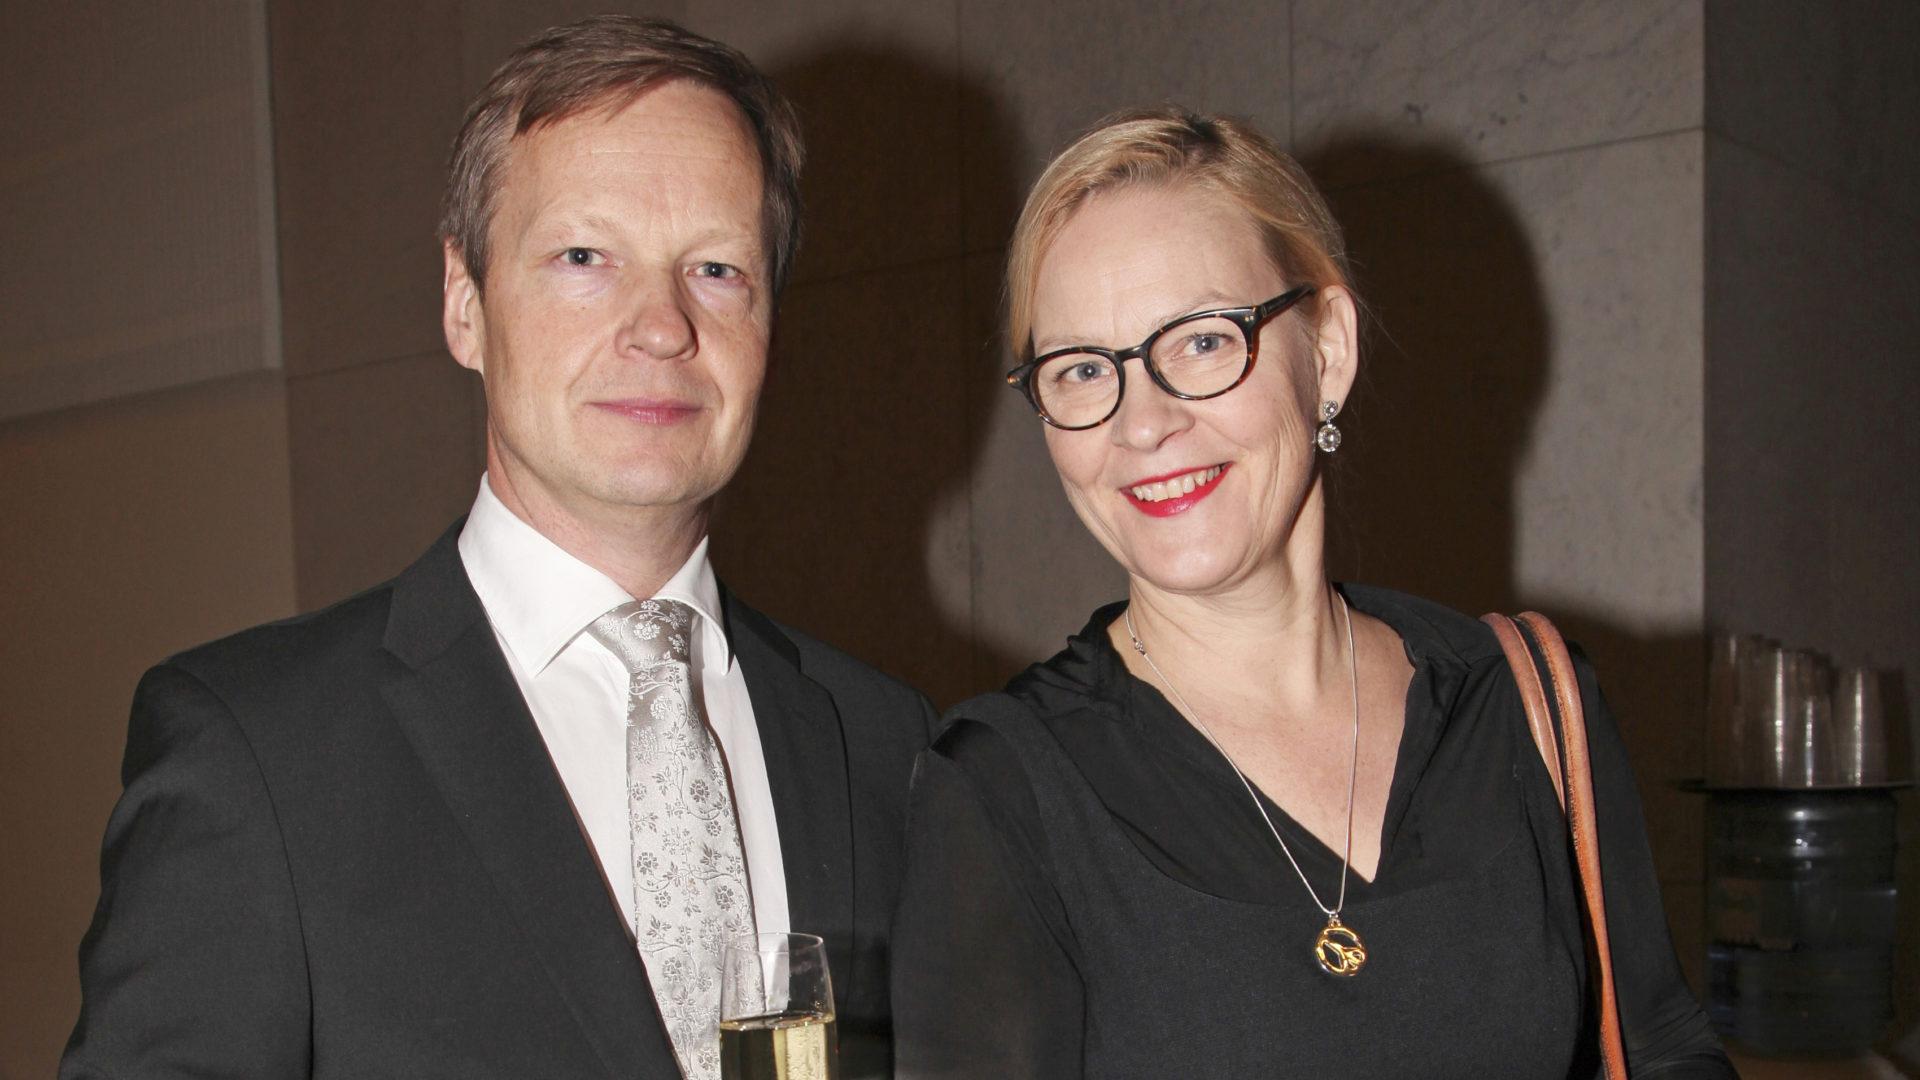 Valtiopäivien avajaiskonsertti Finlandia-talolla vuonna 2016.